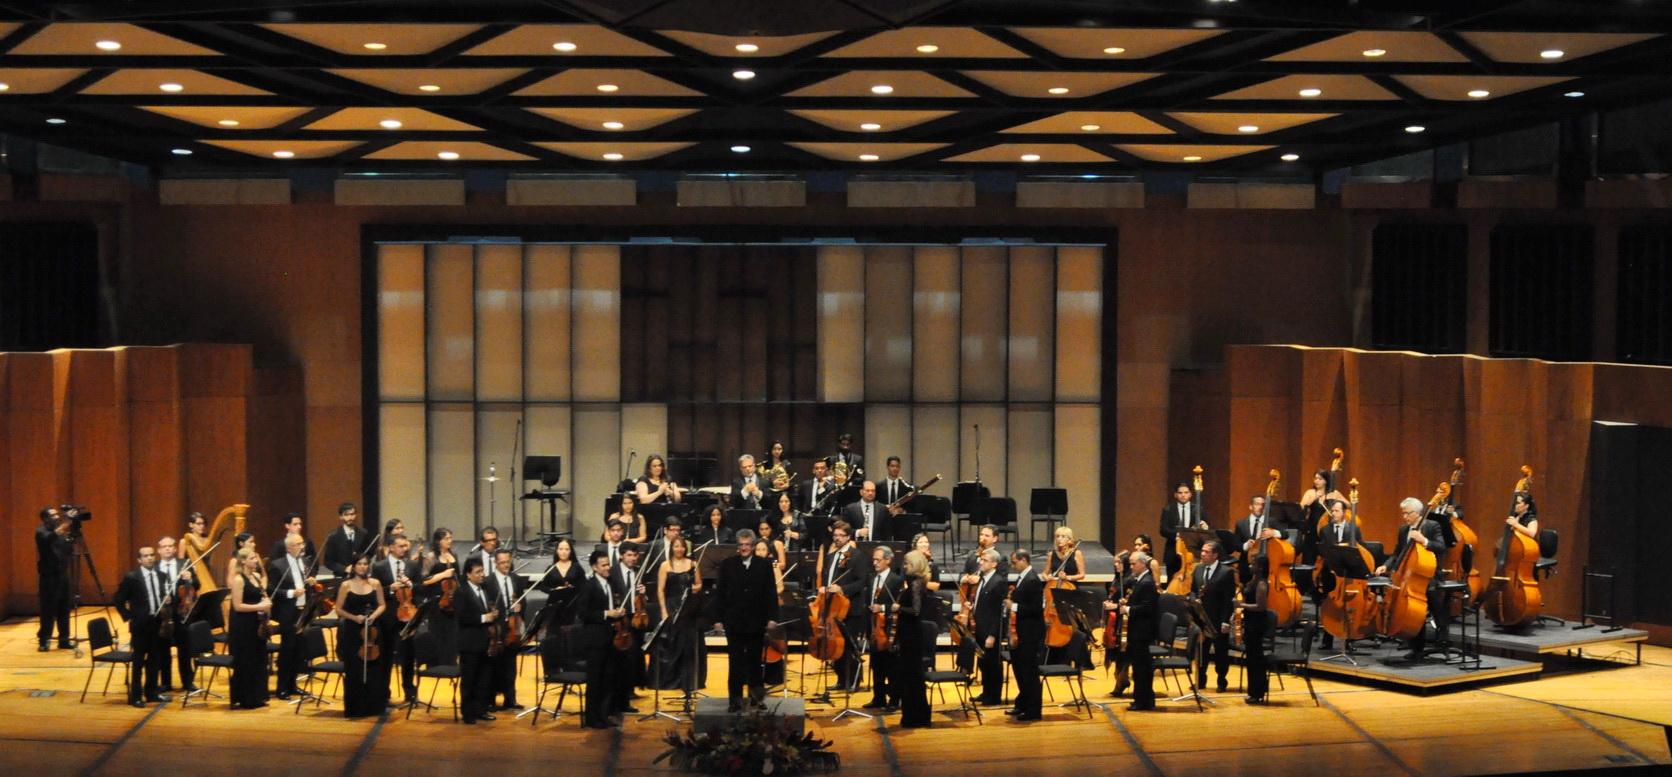 https://sinfonicadevenezuela.files.wordpress.com/2015/07/osv_010-6.jpg